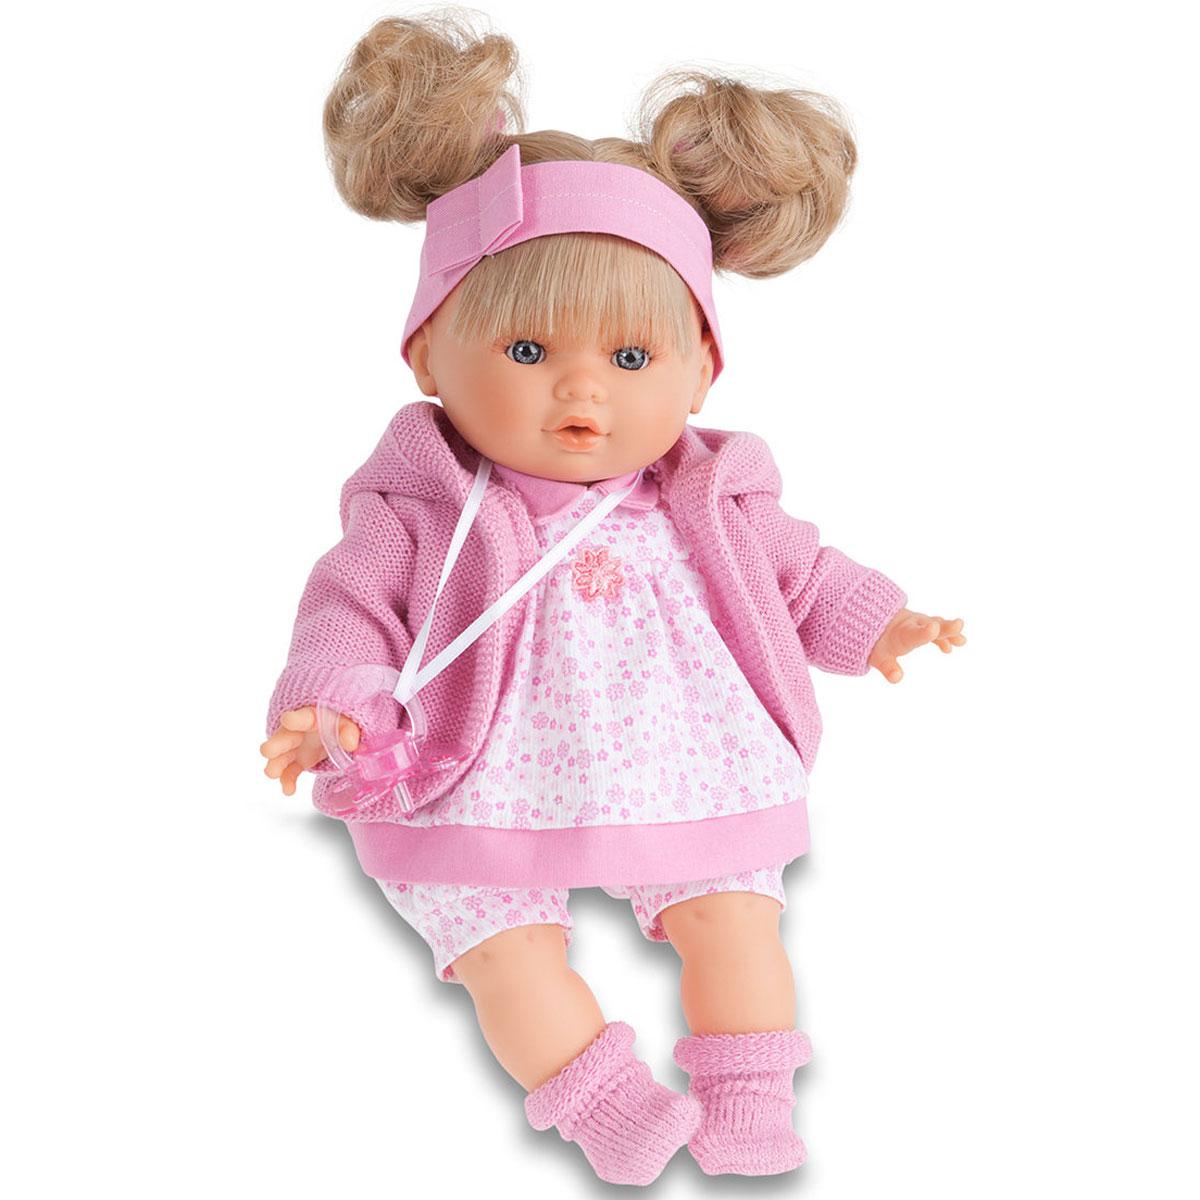 Munecas Antonio Juan Пупс Кристи в розовом костюме1337PКукла-малыш выглядит как настоящий ребенок. Личико сделано с детальными прорисовками. Малыш умеет плакать, вставьте соску в ротик куклы и она сразу успокоится. Кукла с виниловыми подвижными ручками, ножками и головой, и мягконабивным туловищем. Кукла упакована в красивую подарочную коробку.